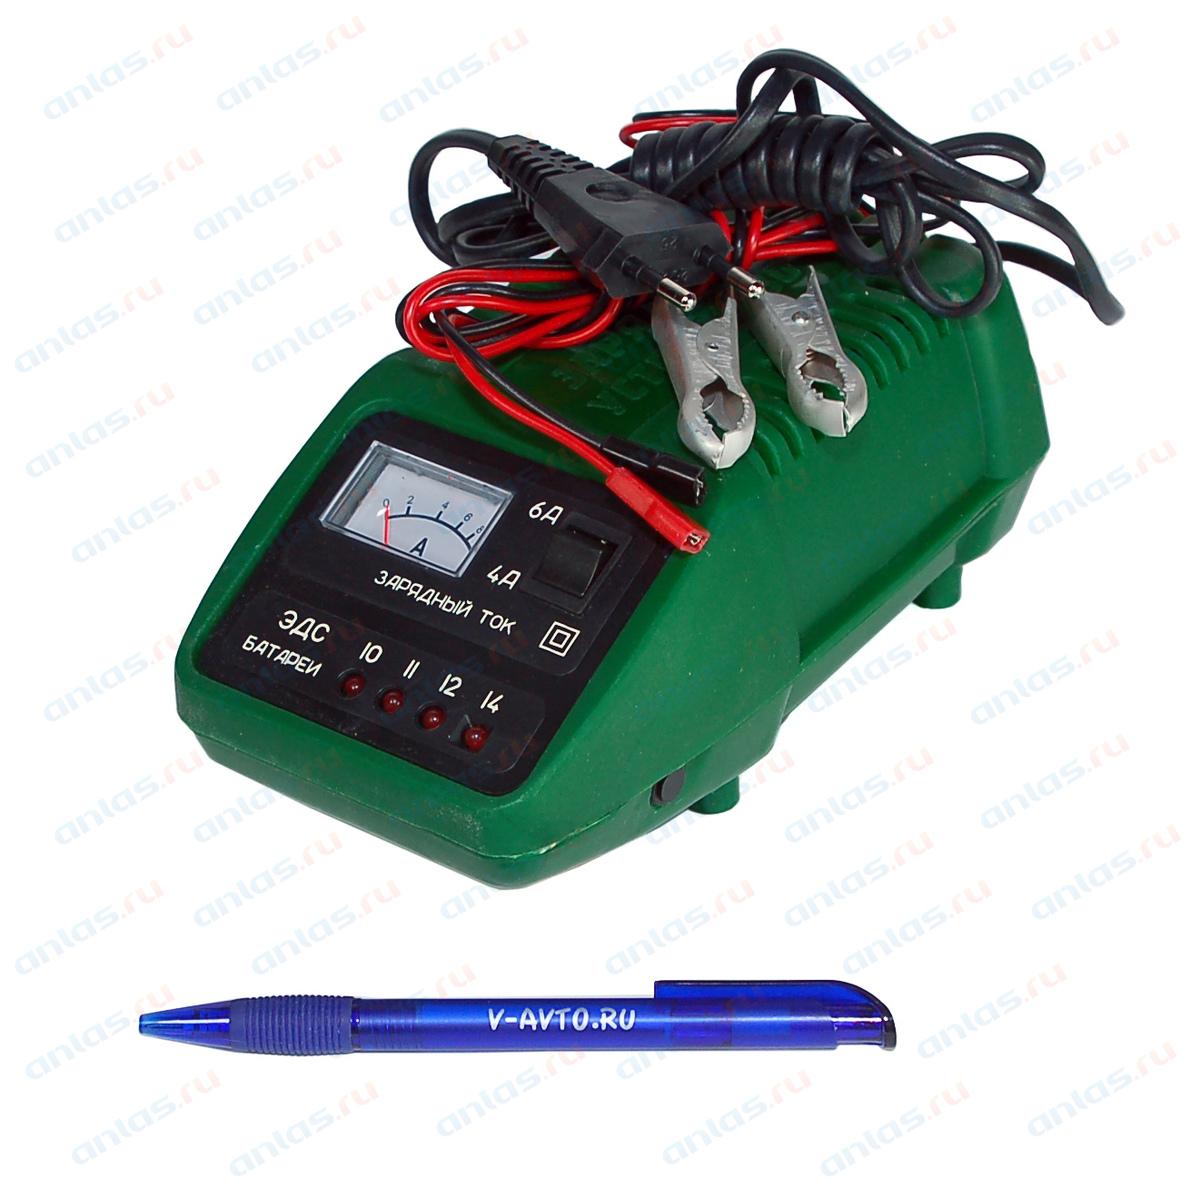 зарядное устройство зу 75м - Хорошие примеры для Вас.